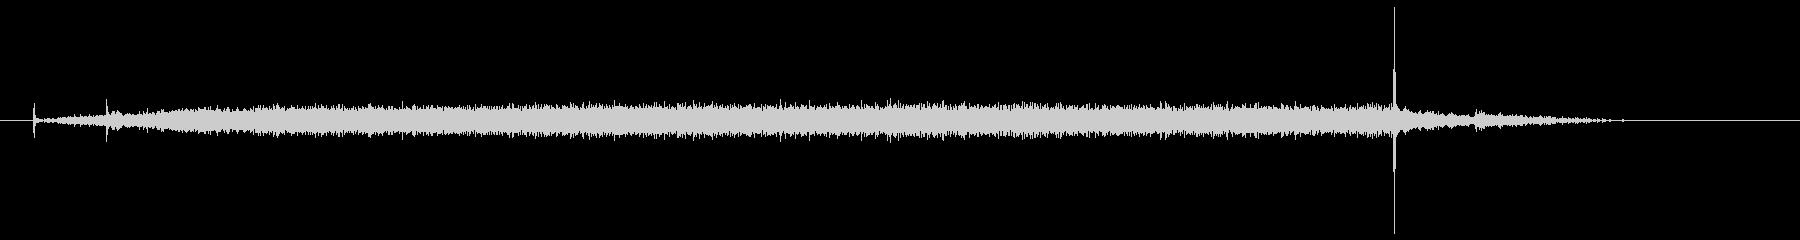 ドライヤーの音(ブラシタイプ)の未再生の波形